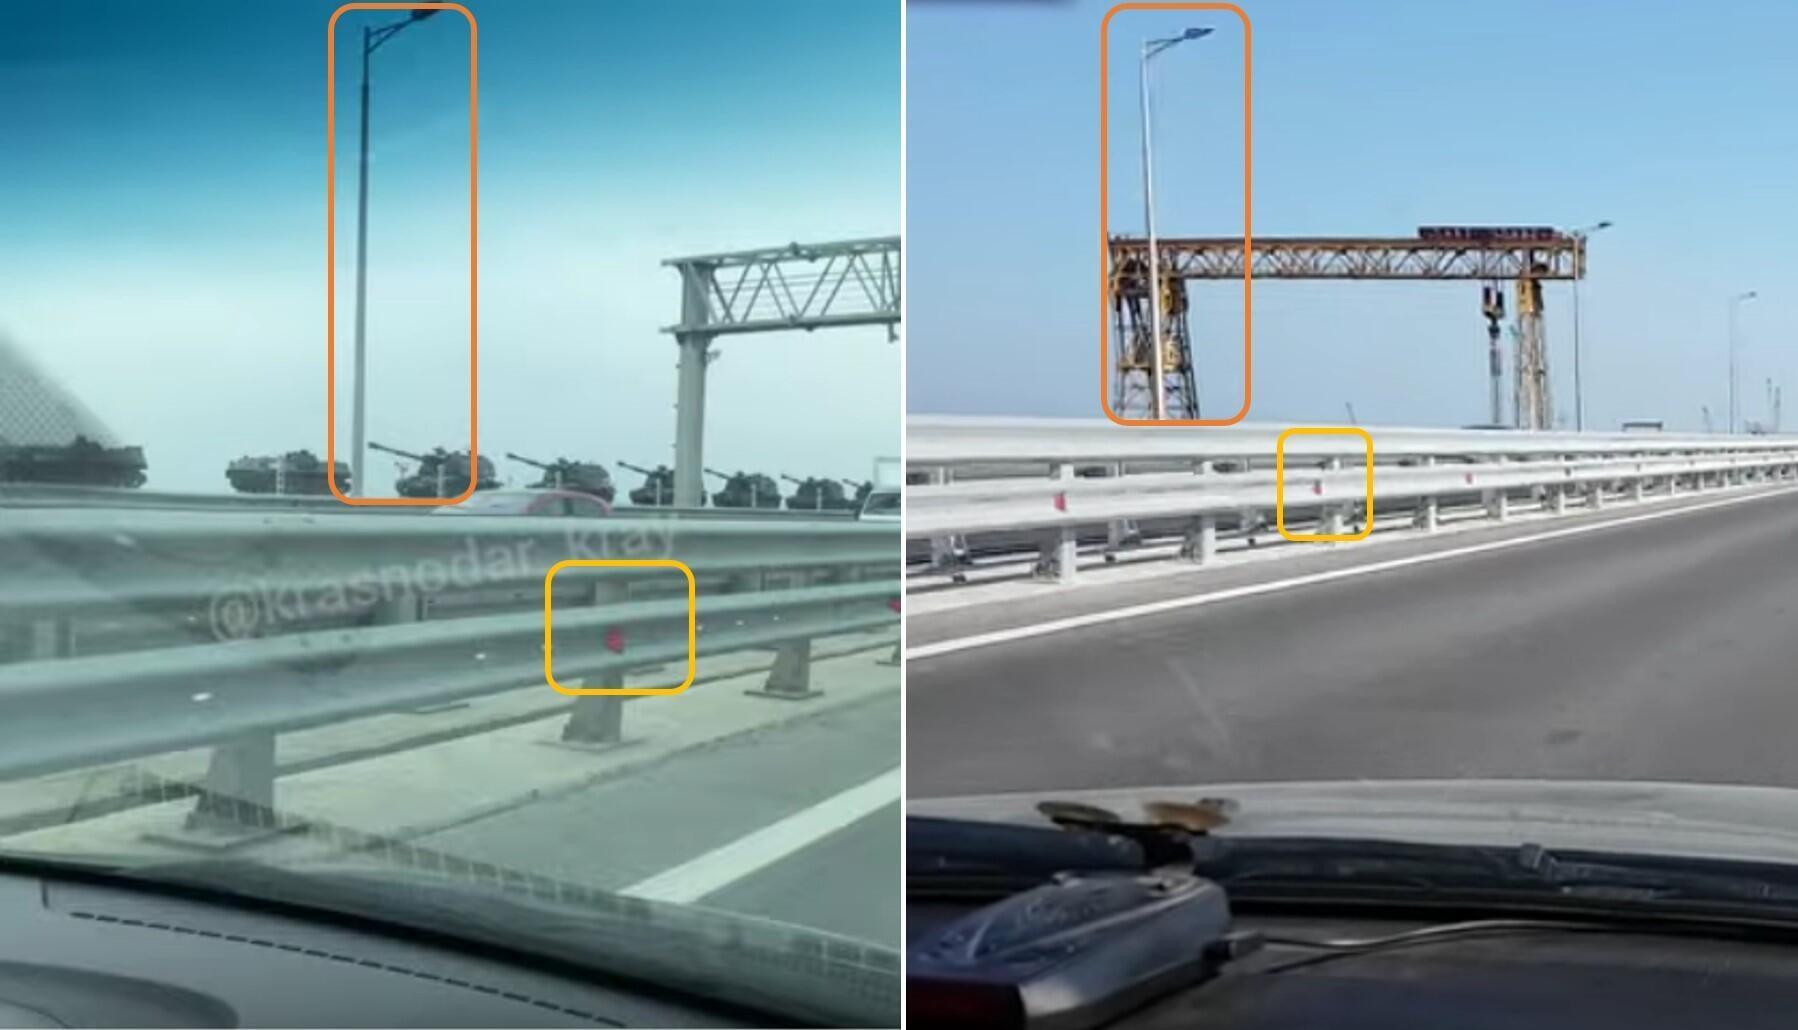 À gauche, on peut voir une capture d'écran de la vidéo montrant un convoi militaire le 29 mars. À droite, une capture d'écran d'une vidéo filmée sur le pont de Crimée.